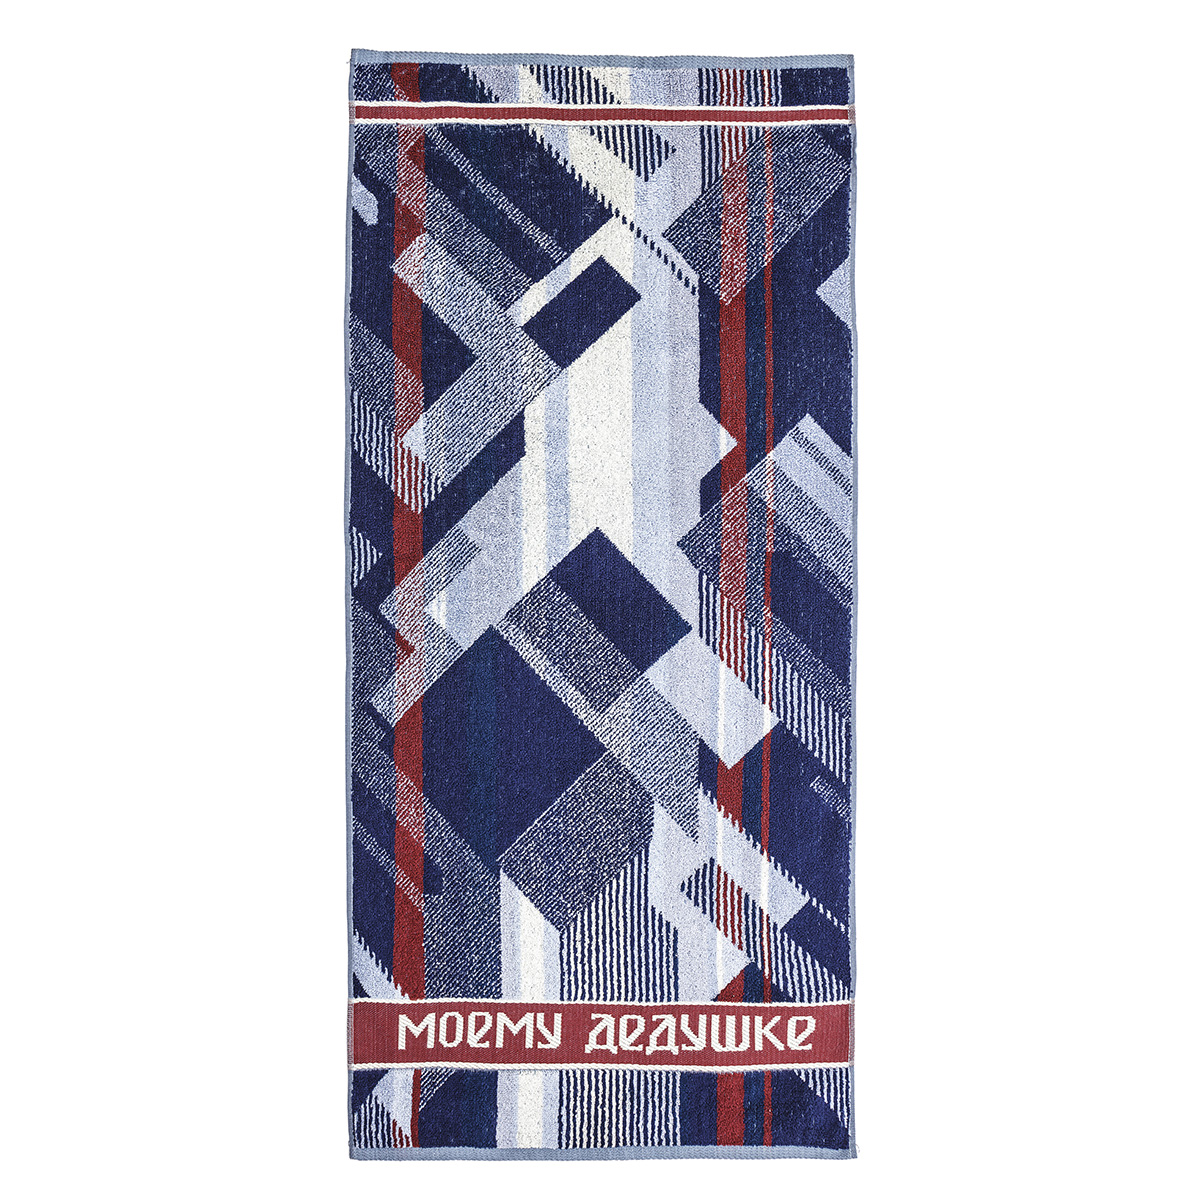 Полотенце Дедушке, размер 50х100 см.Полотенца<br>Плотность ткани: 420 г/кв. м<br><br>Тип: Полотенце<br>Размер: 50х100<br>Материал: Махра